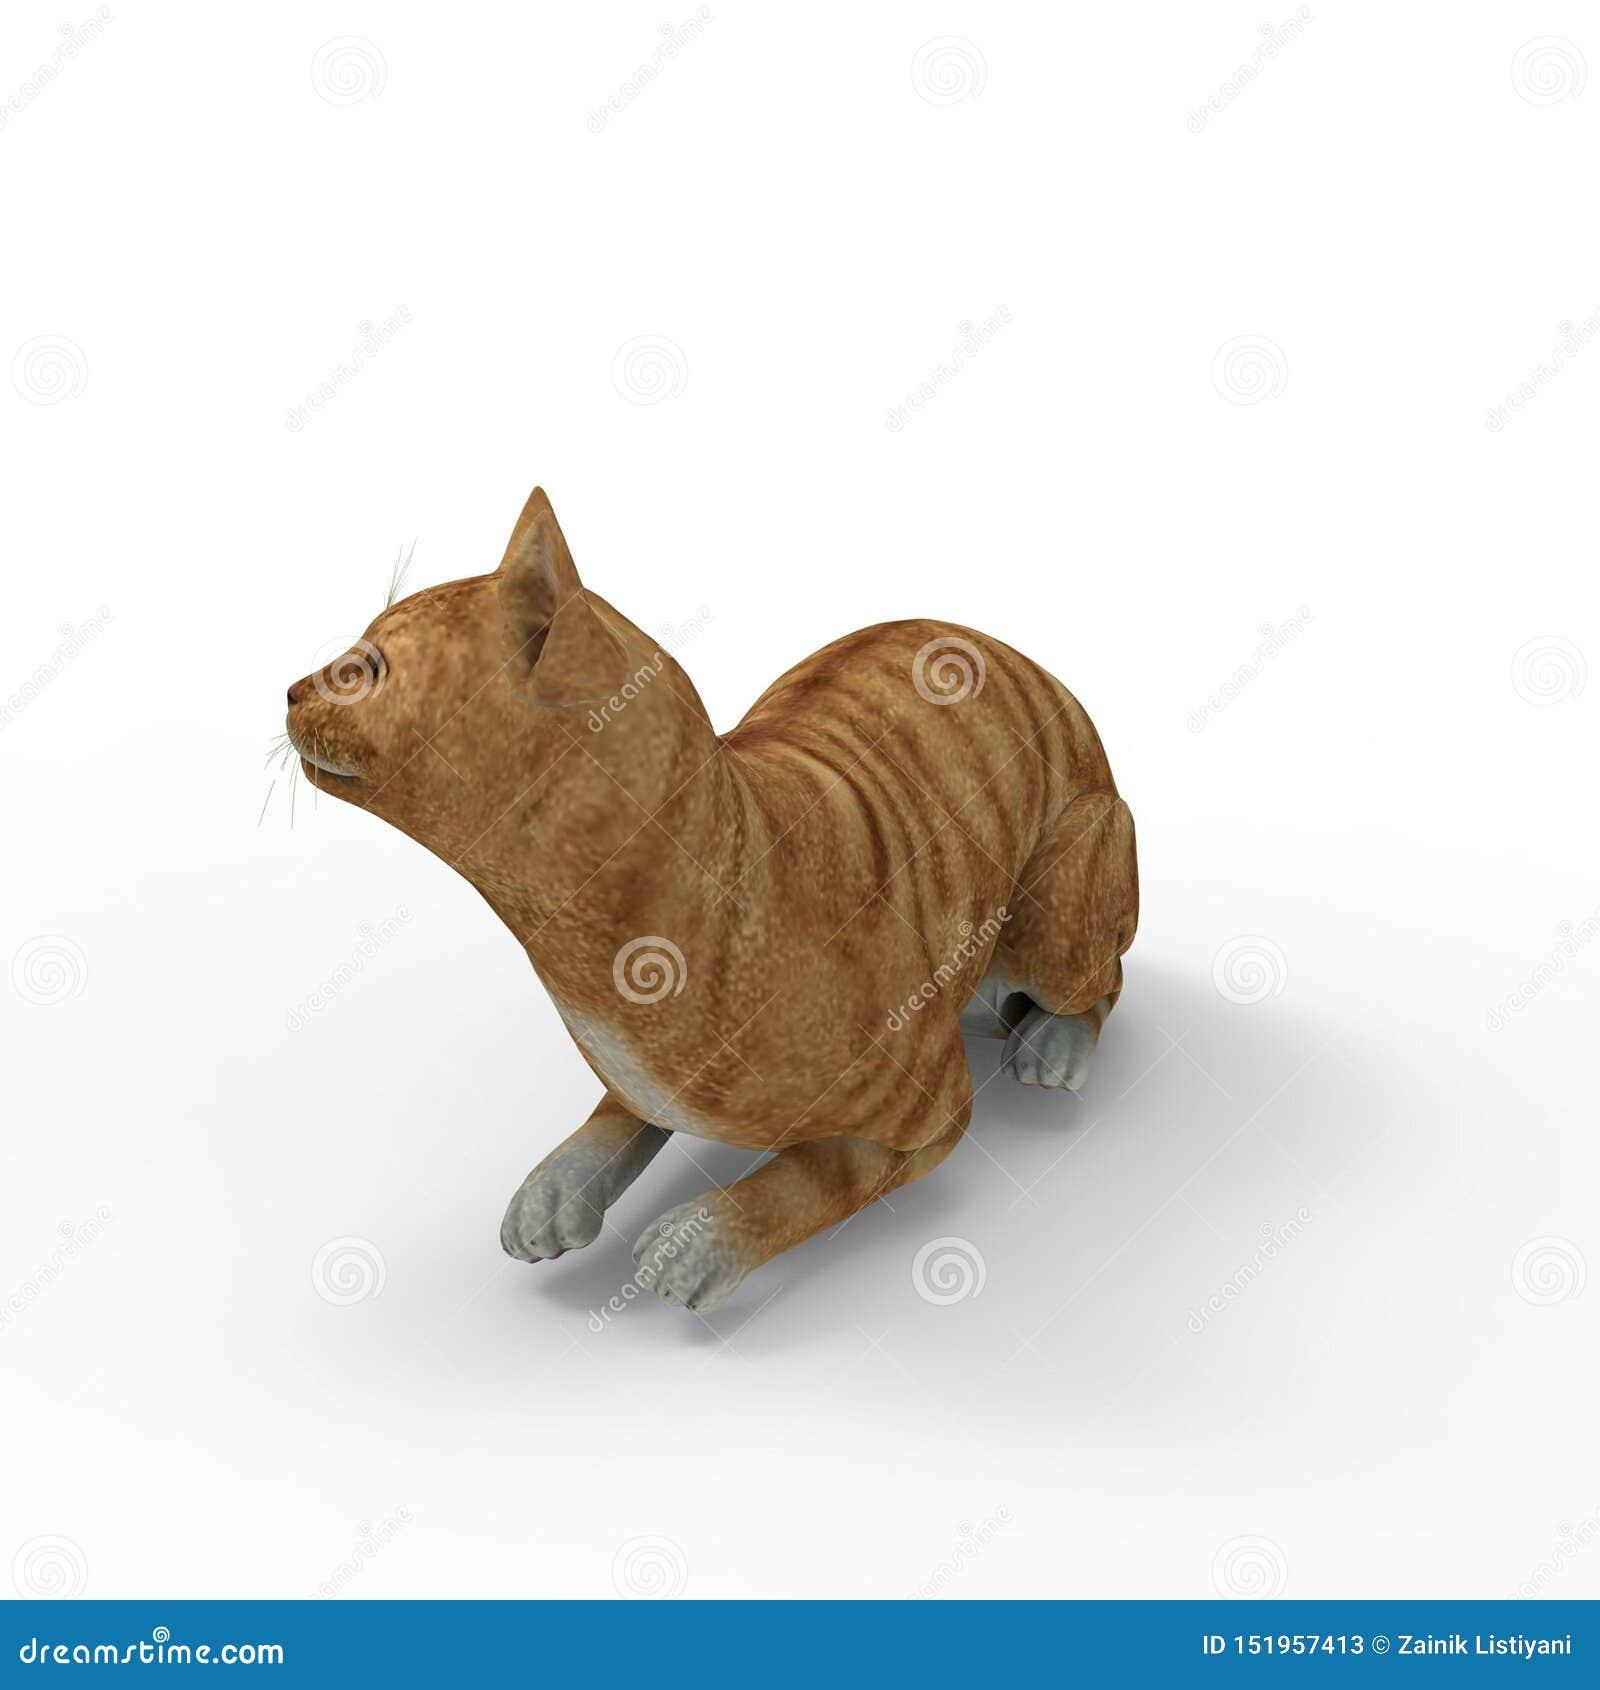 Rappresentazione 3d del gatto creata usando uno strumento del miscelatore